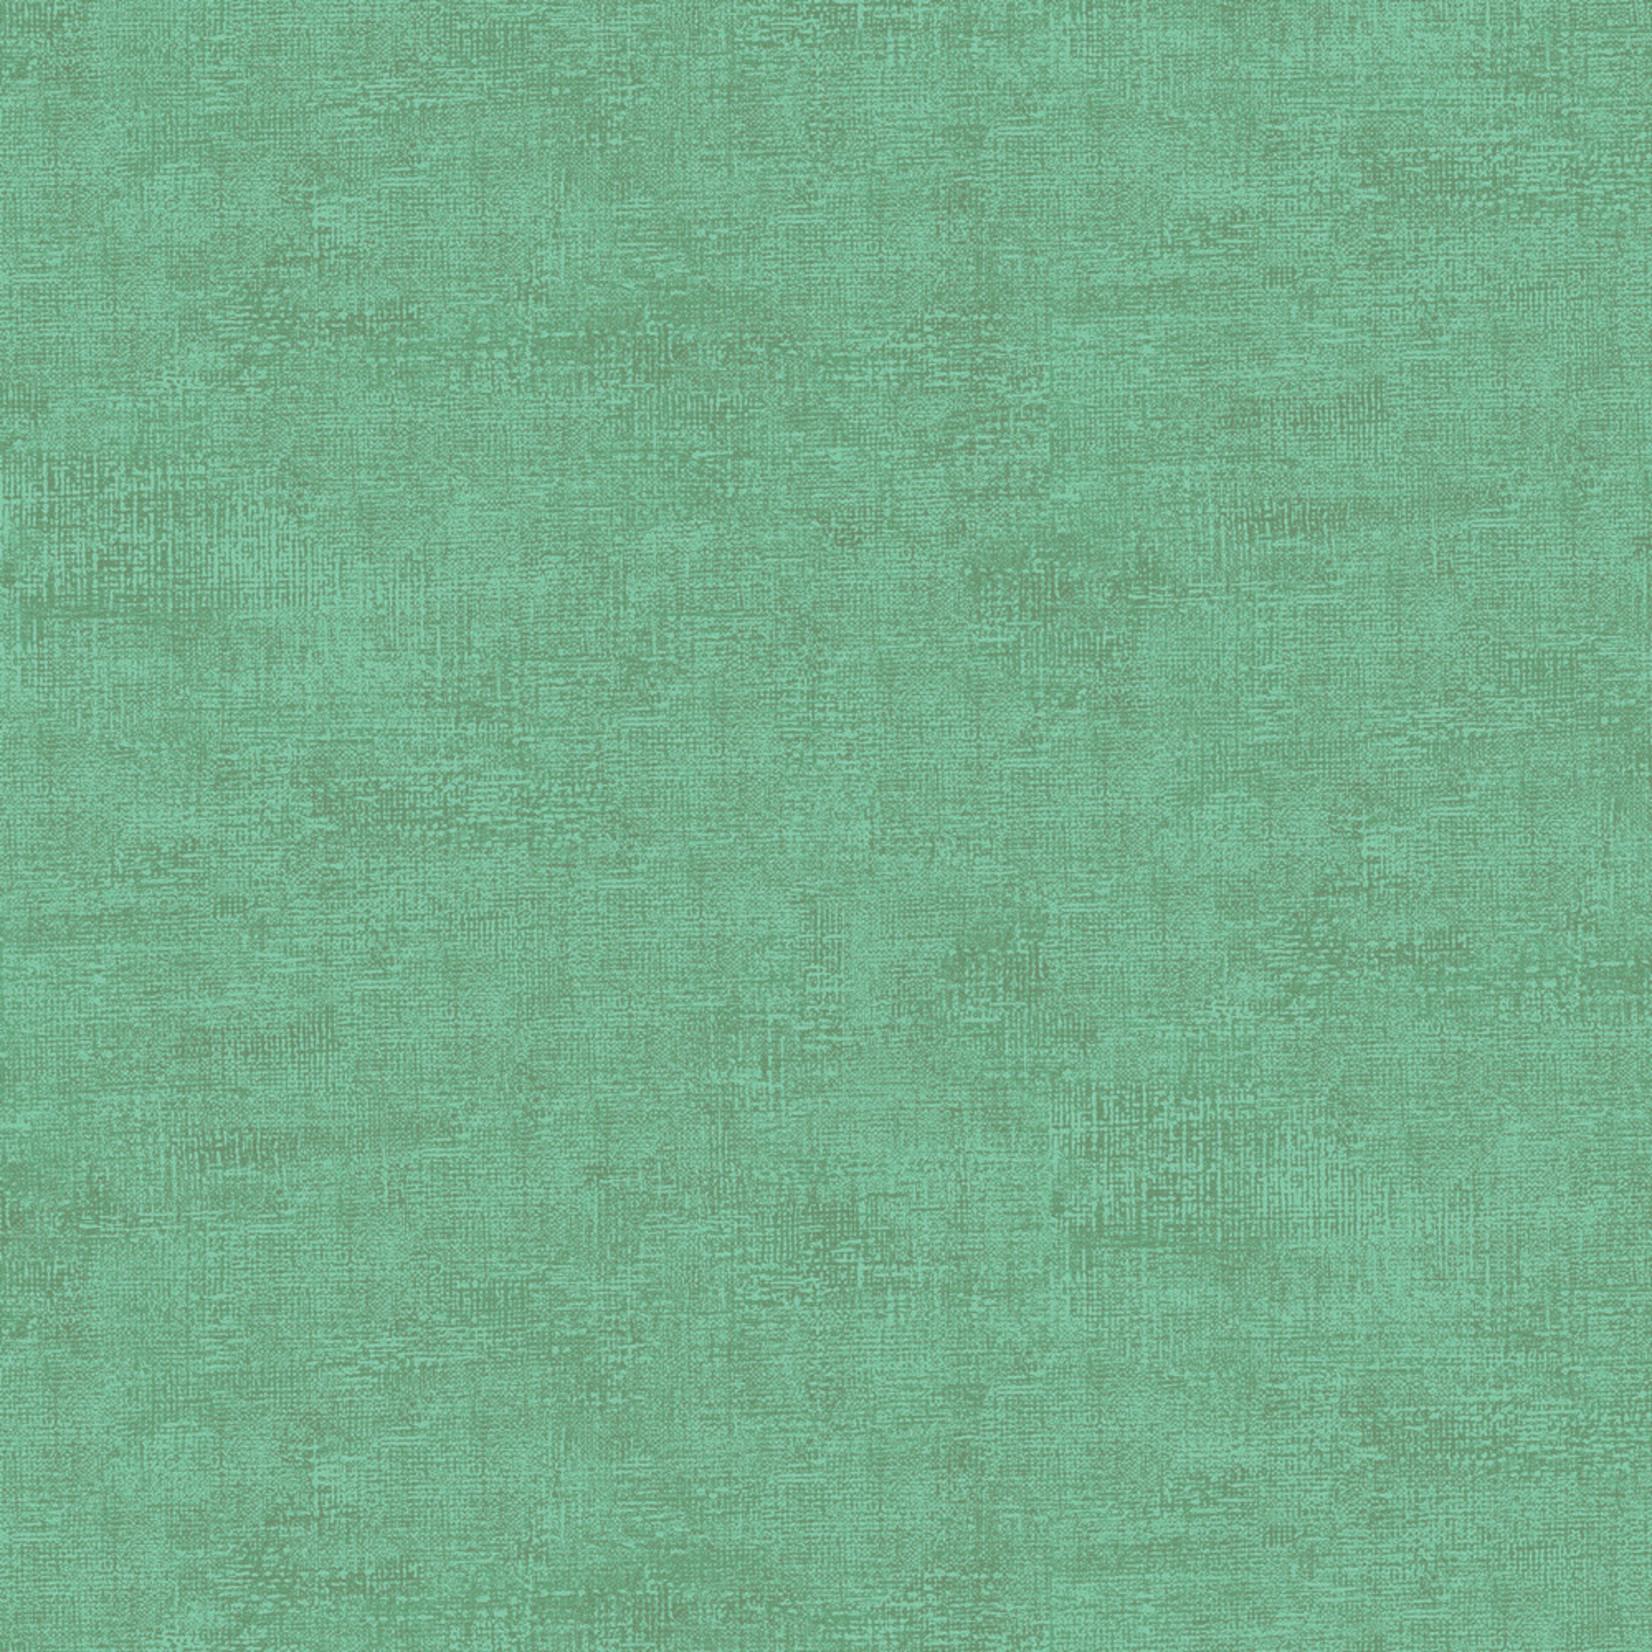 Stof Fabrics Melange 4509 - 800